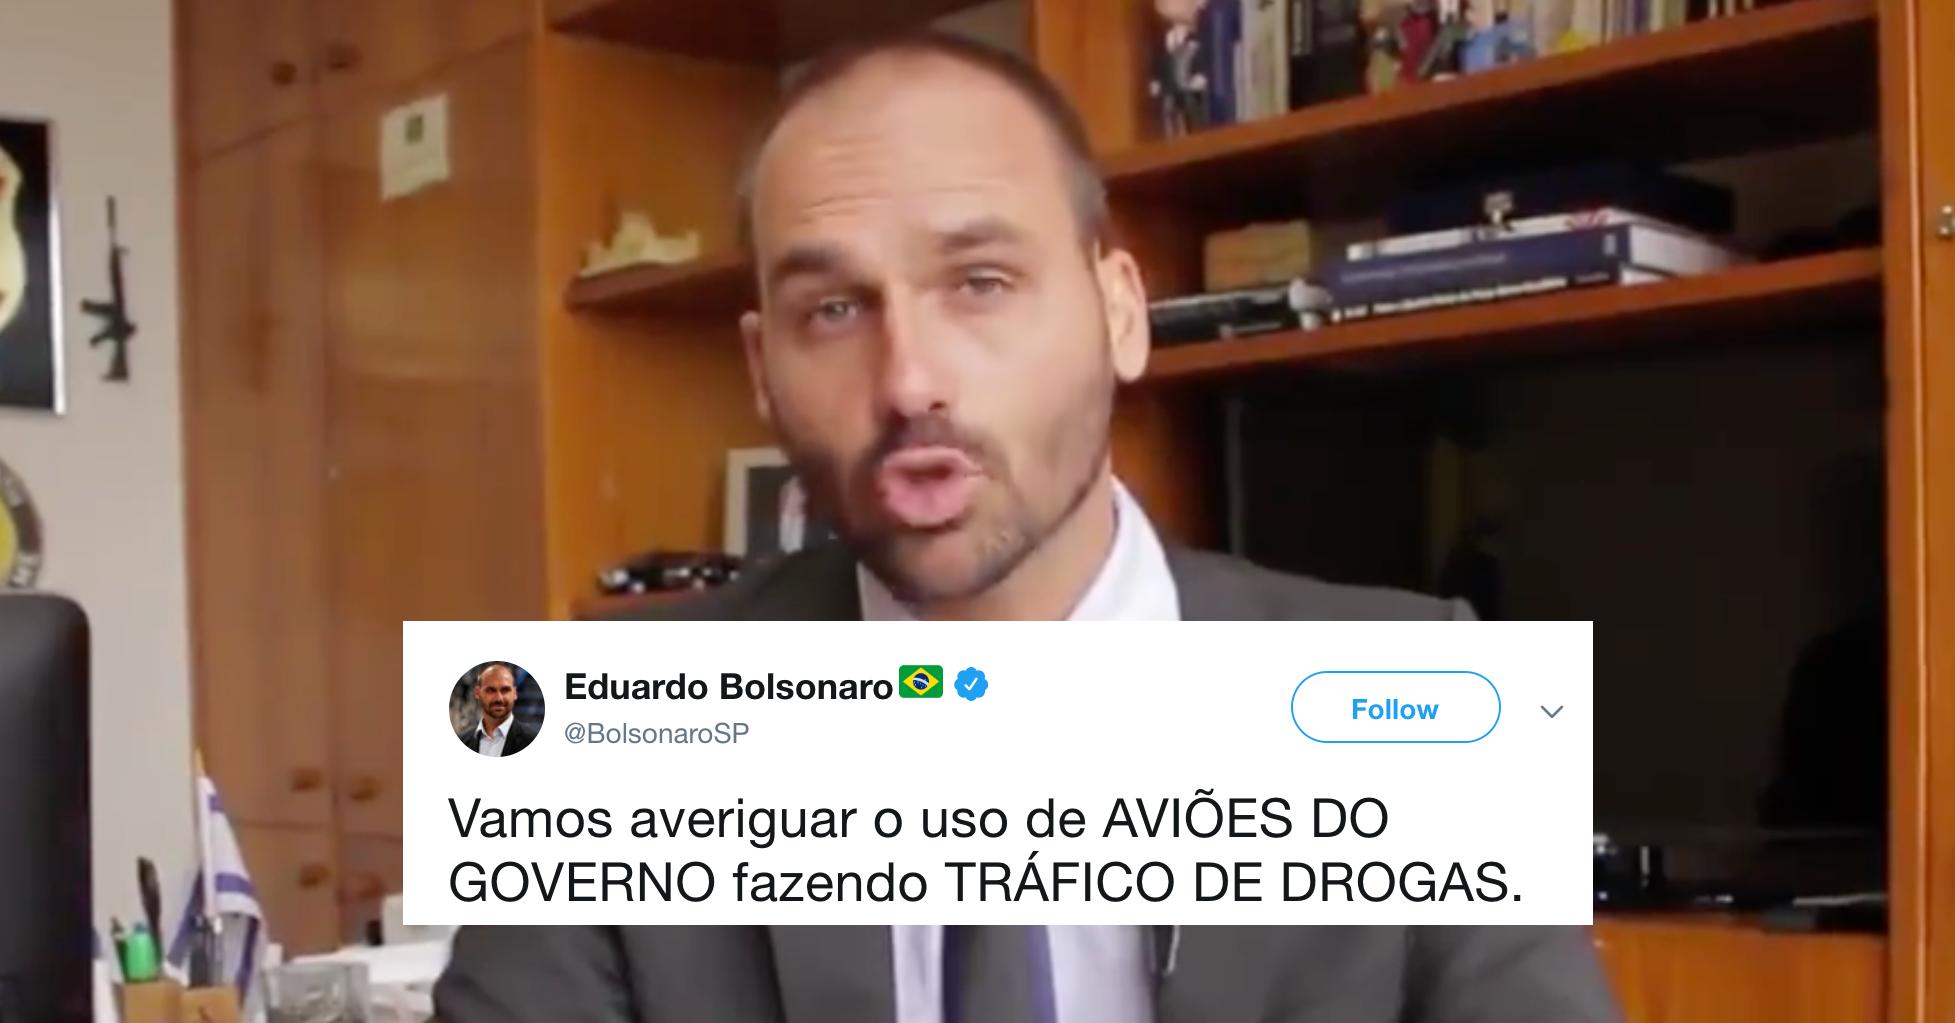 Em fevereiro, Eduardo Bolsonaro criticou tráfico de drogas em aviões do governo...da Venezuela